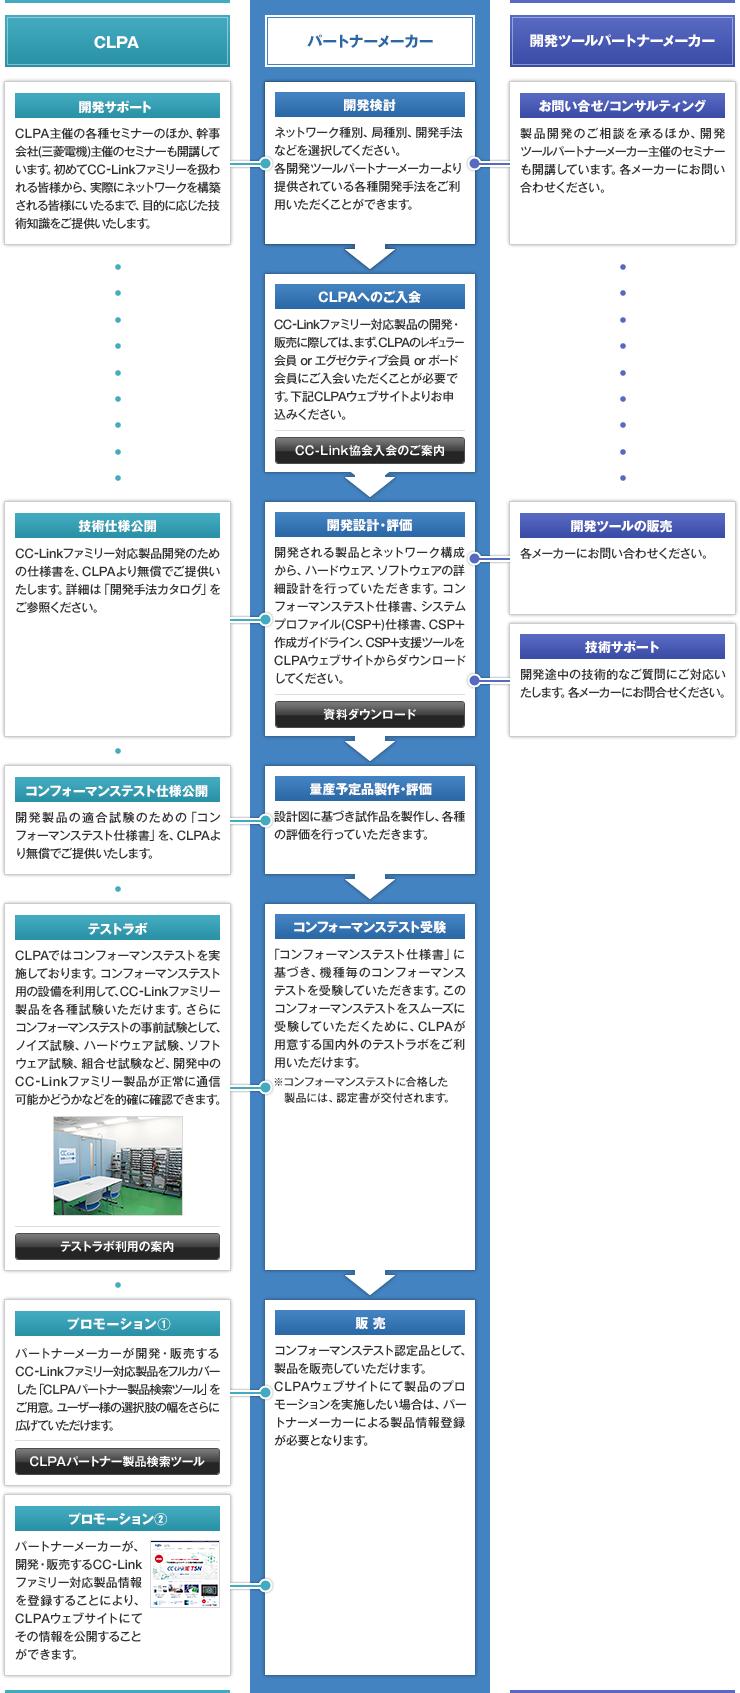 製品開発の流れ|製品開発サポート|cc Link協会